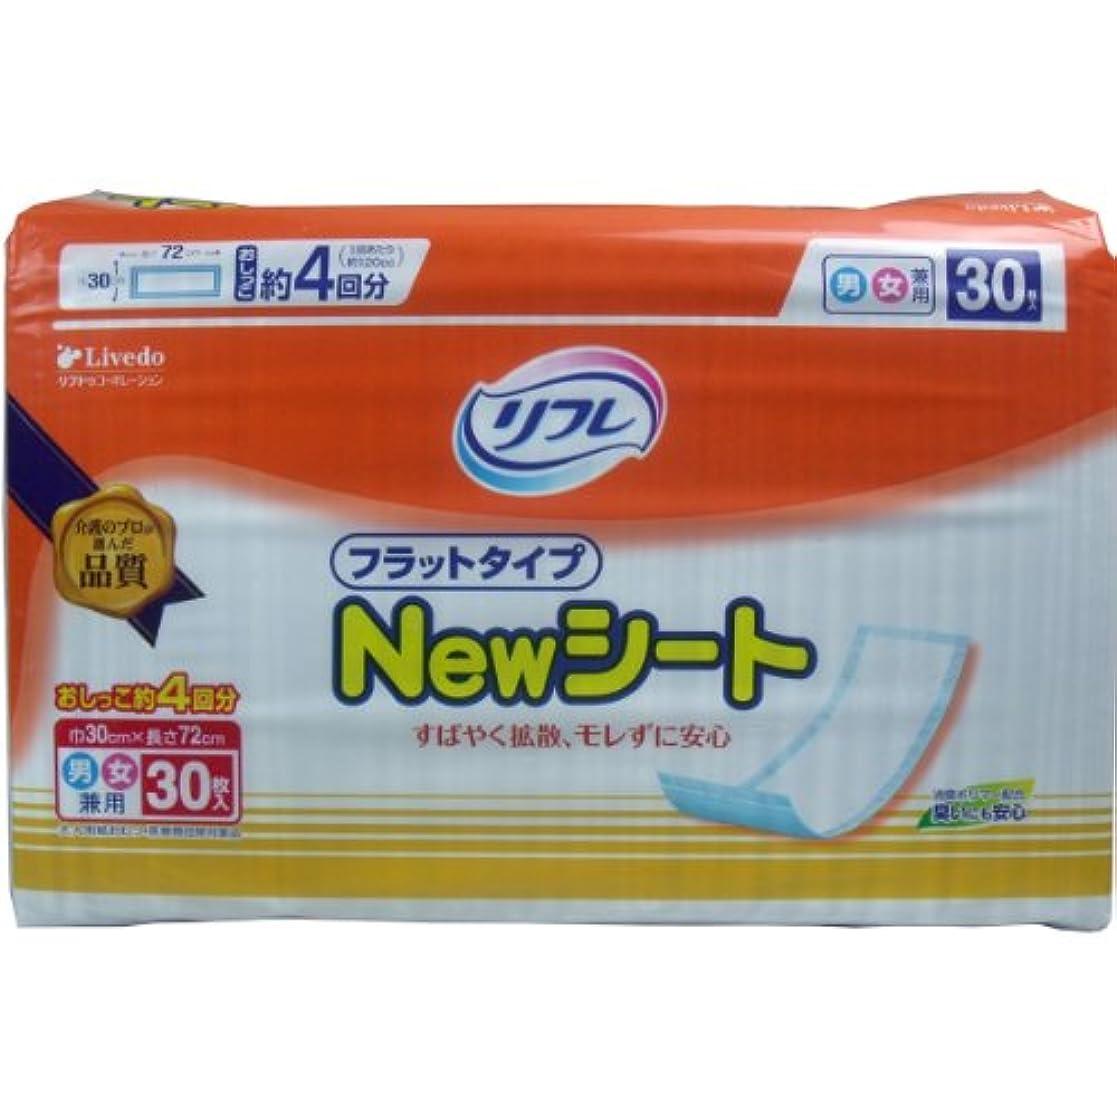 ブーム調査抽選リフレ フラットタイプ NEWシート 30枚入【4個セット】